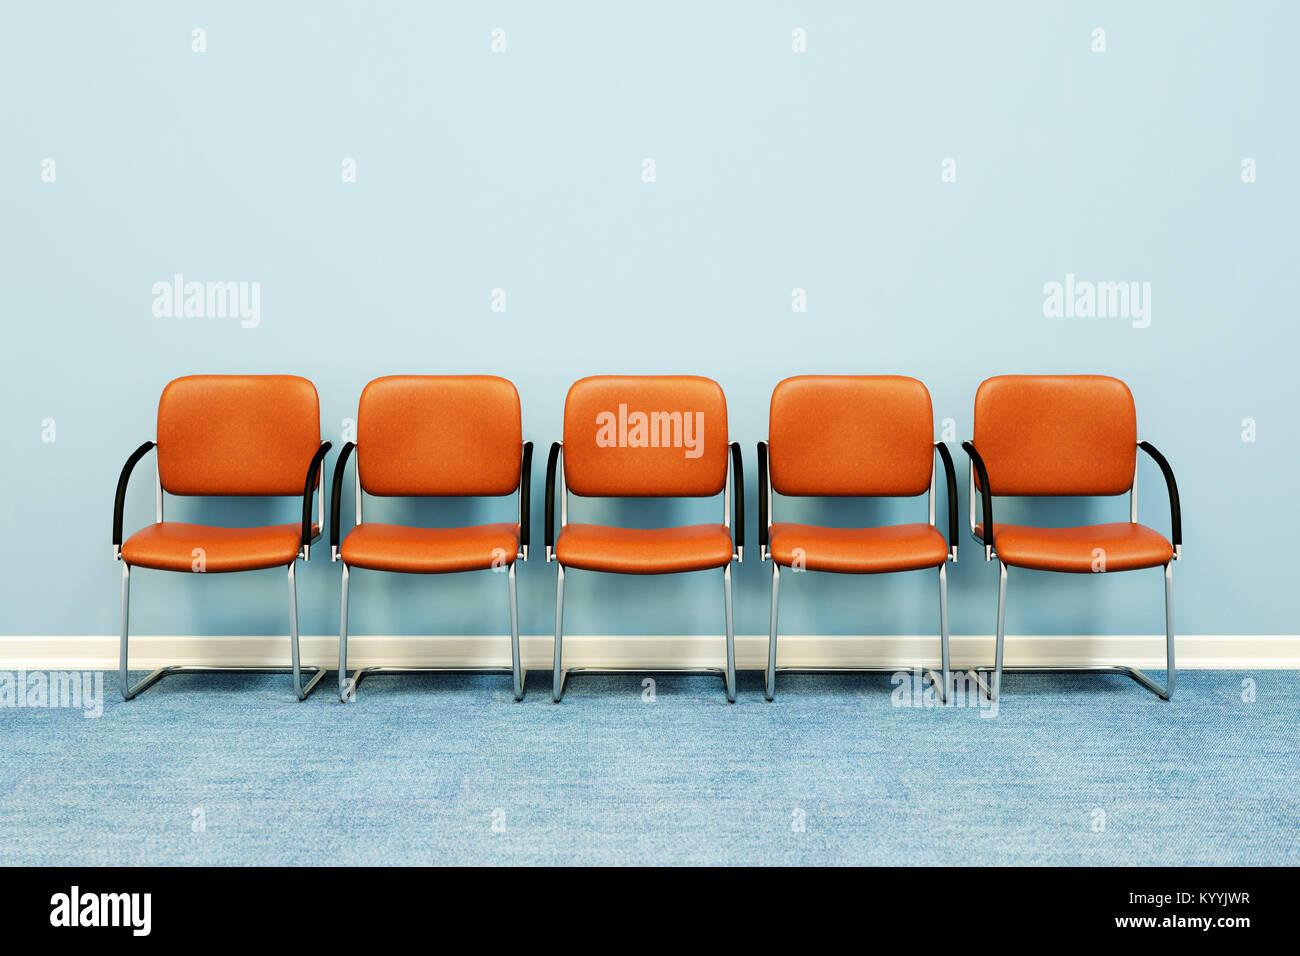 Cinq chaises salle d'attente dans une rangée contre un mur dans une salle vide Photo Stock